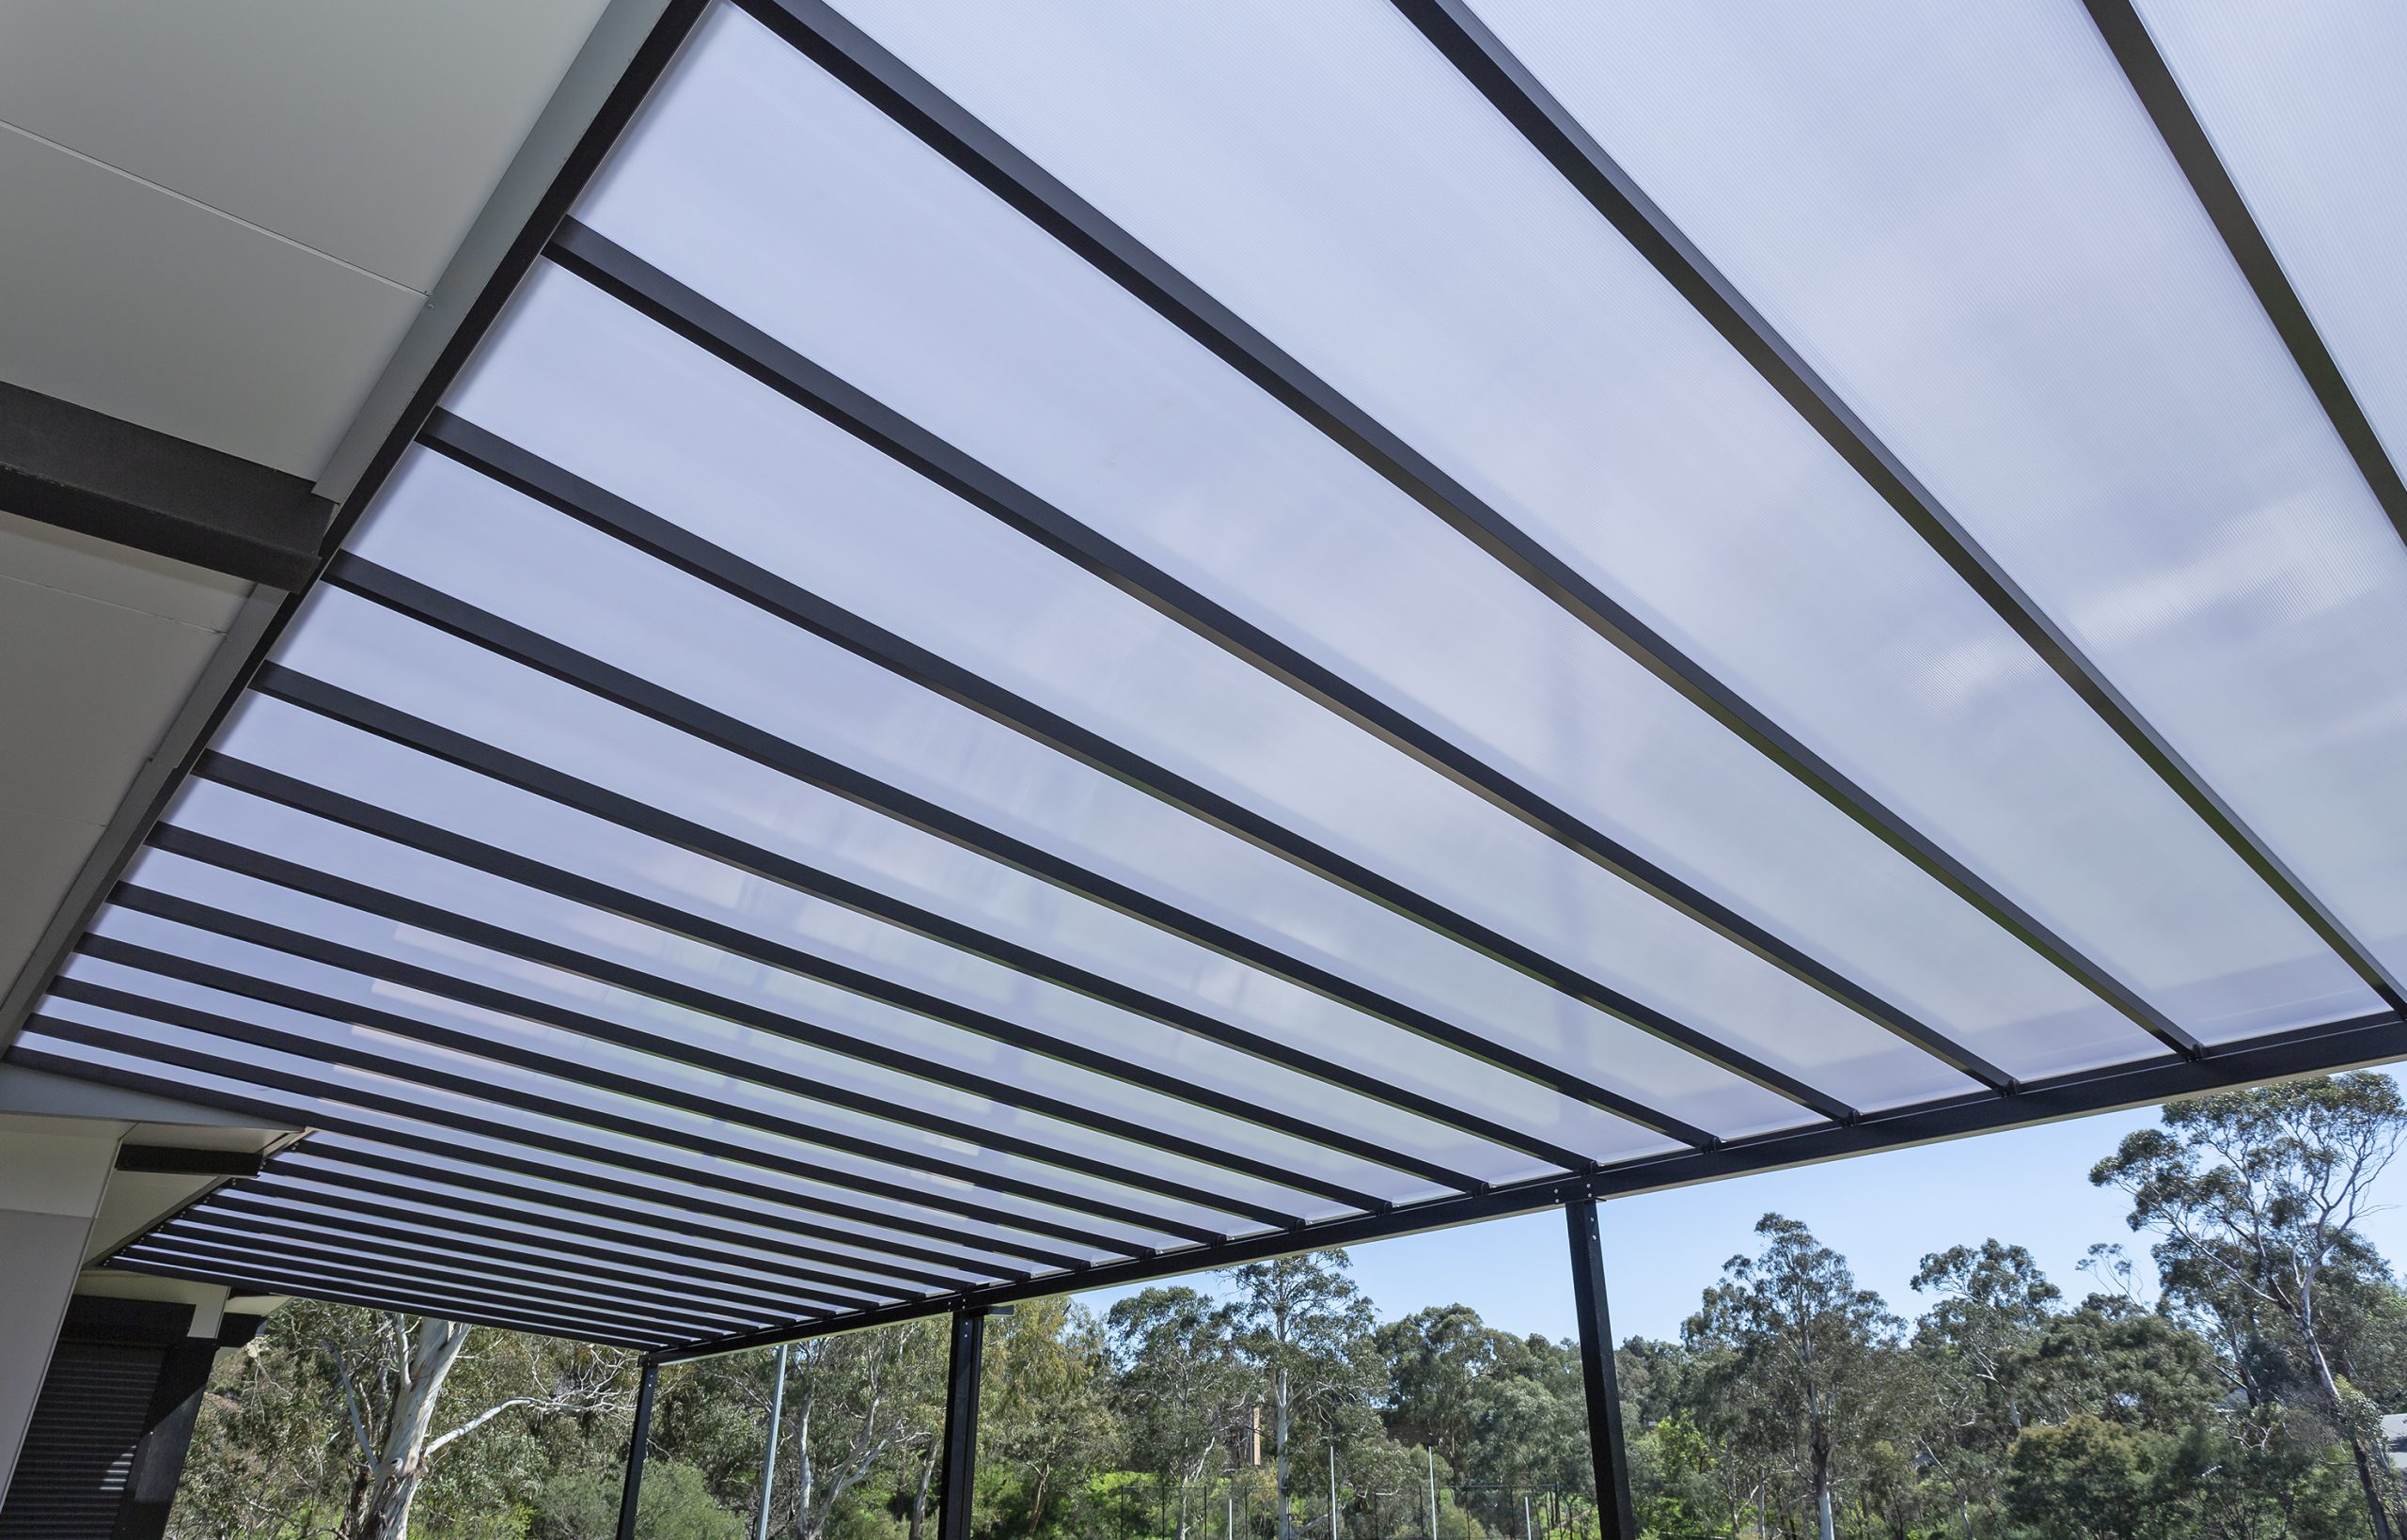 Pergola designs Melbourne